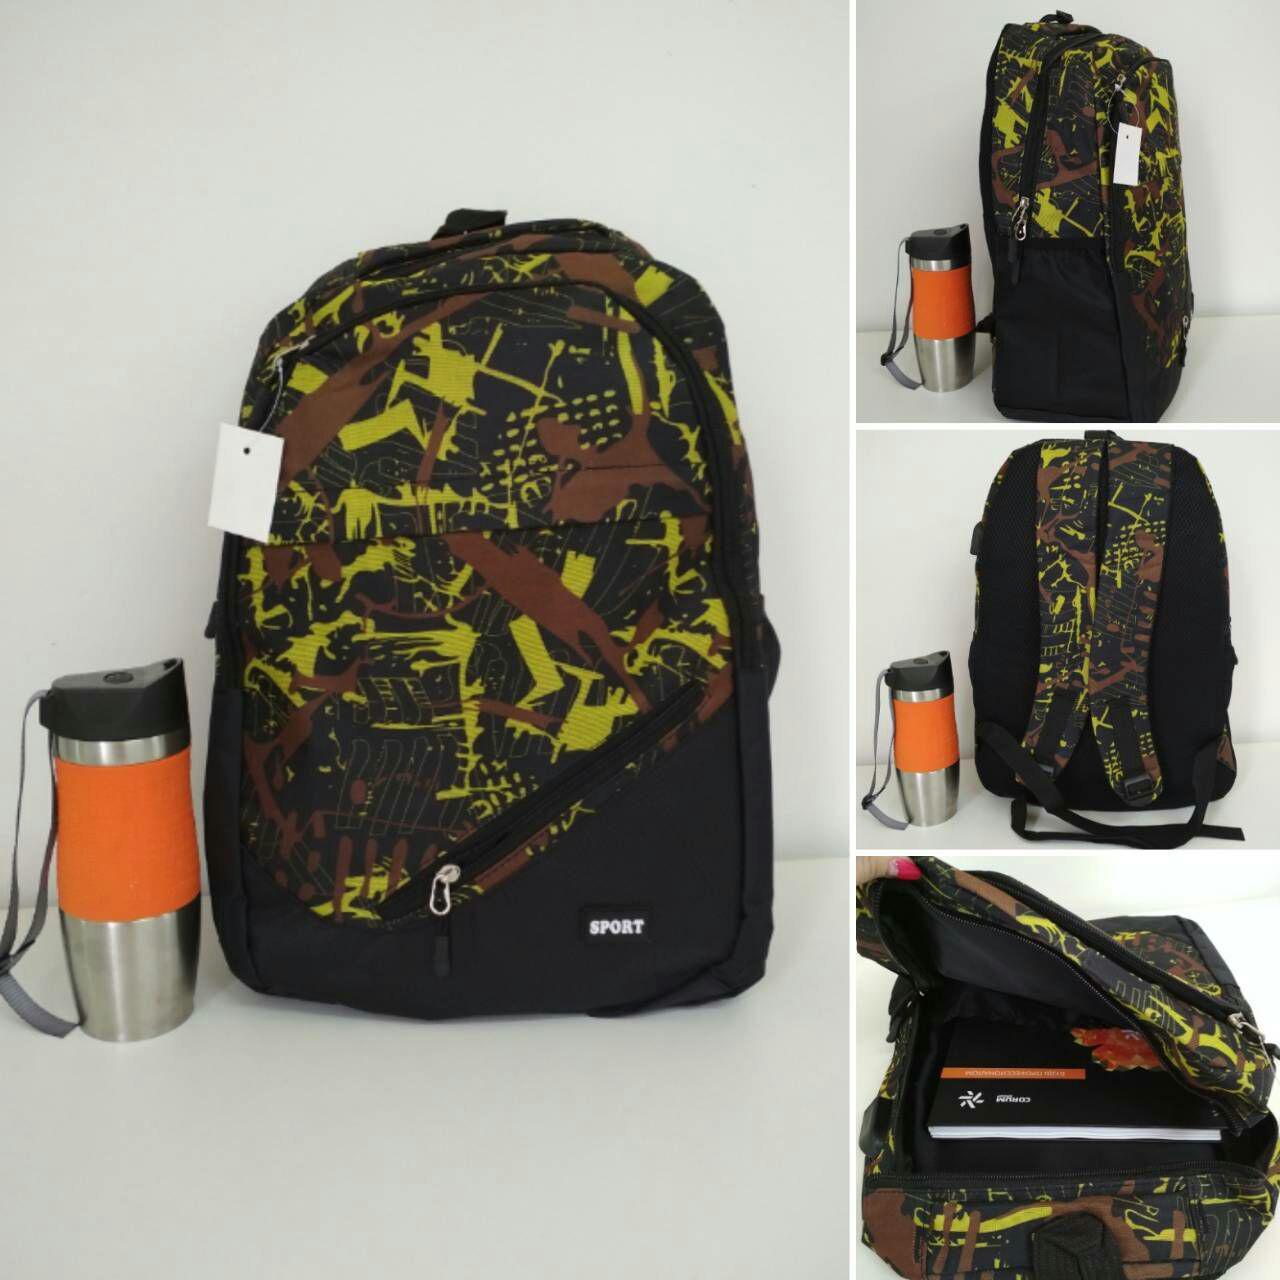 Тканевый школьный рюкзакс косым карманом и принтом 45*32*15см